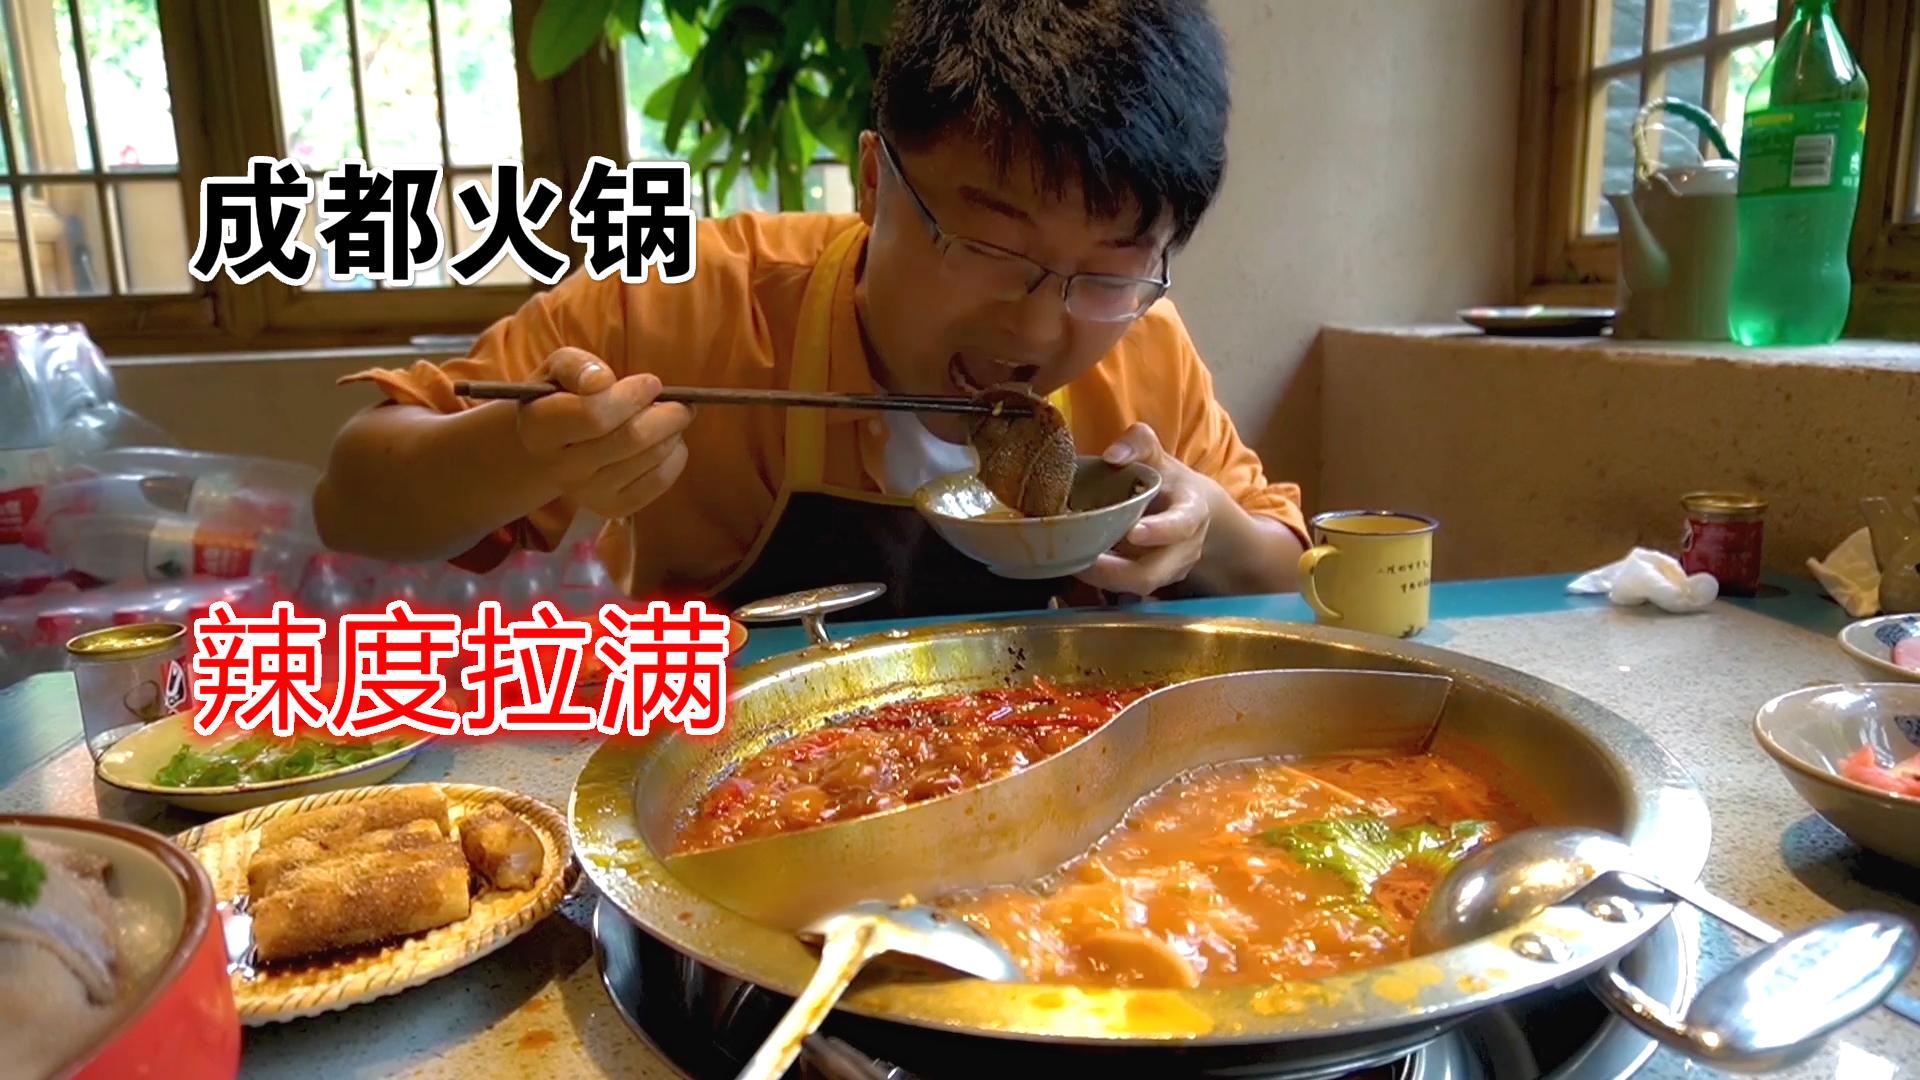 成都第一顿,火锅店吃过瘾,辣度拉满,大sao两口下肚,太过瘾了